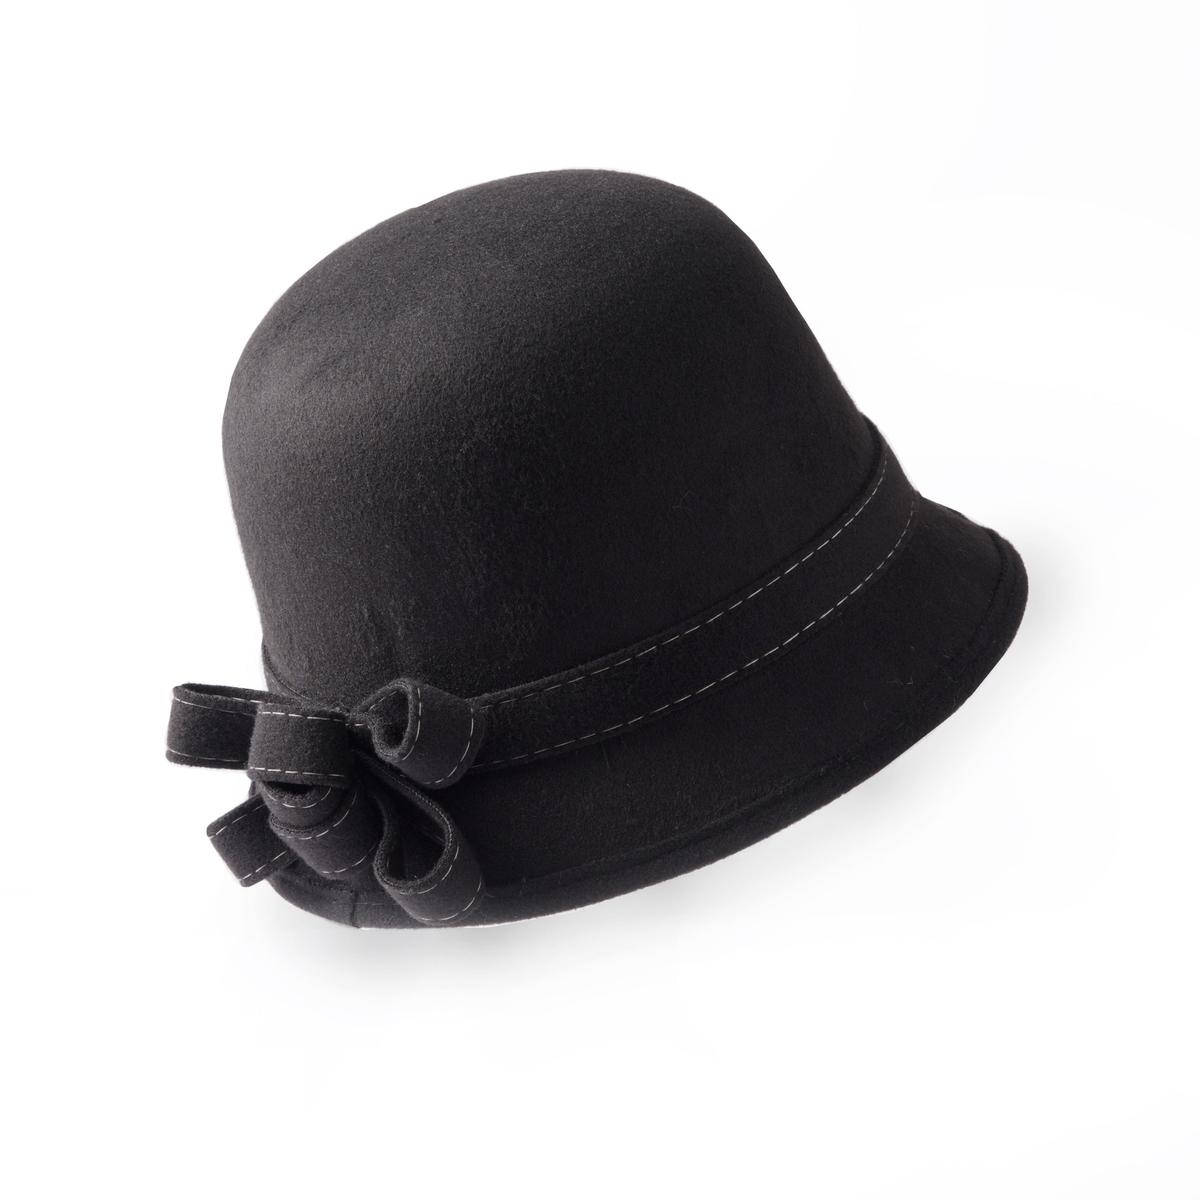 Шляпка-клошШляпка-клош. Красивая изящная и городская форма. Состав и описание :Материал : 100% полиэстер. Один размер.Марка : Anne Weyburn<br><br>Цвет: черный<br>Размер: единый размер